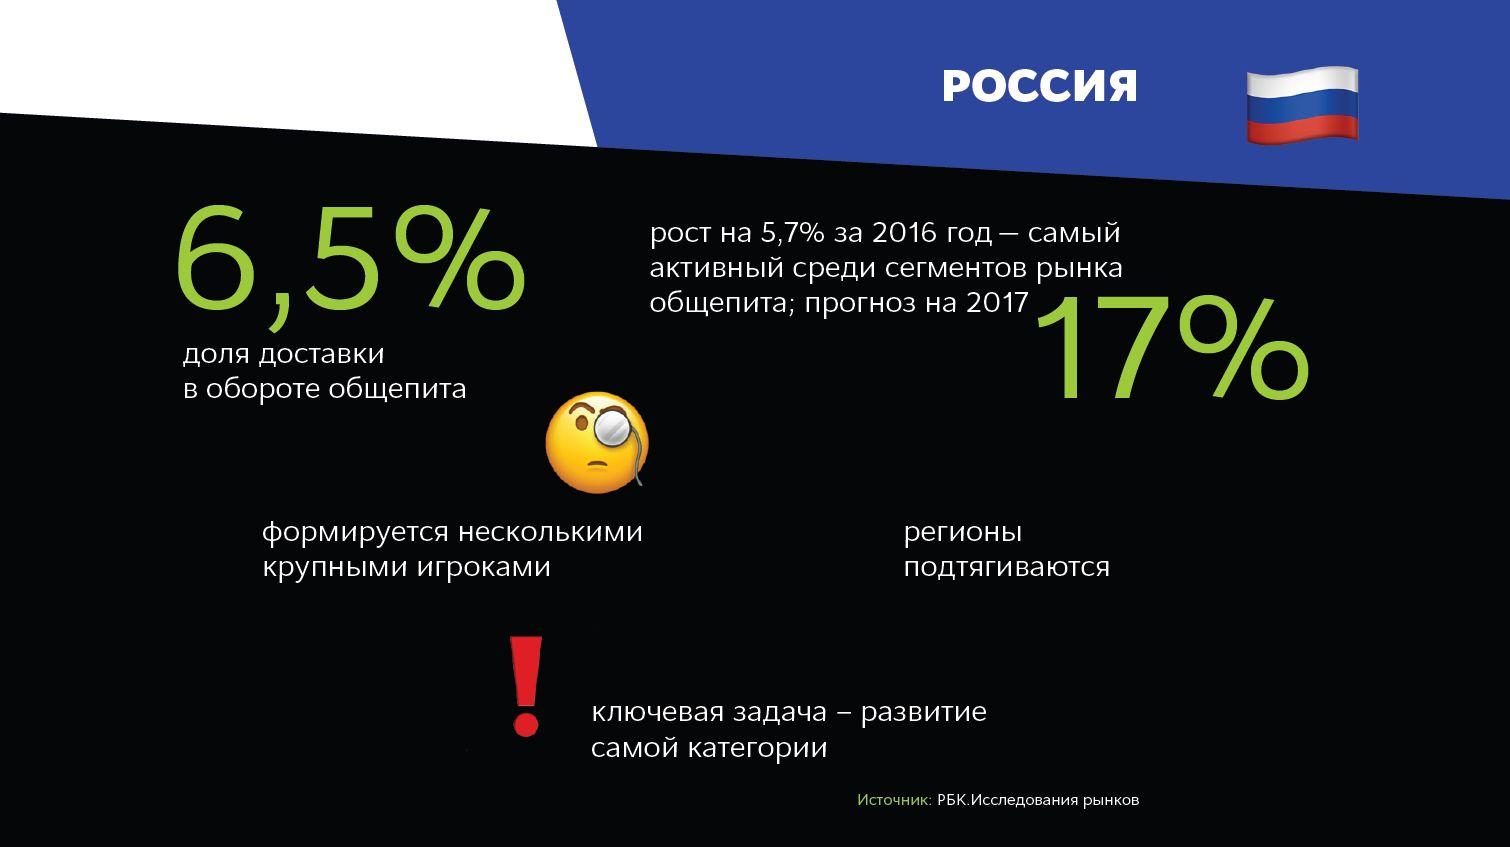 ©Слайд из презентации Андрея Лукашевича